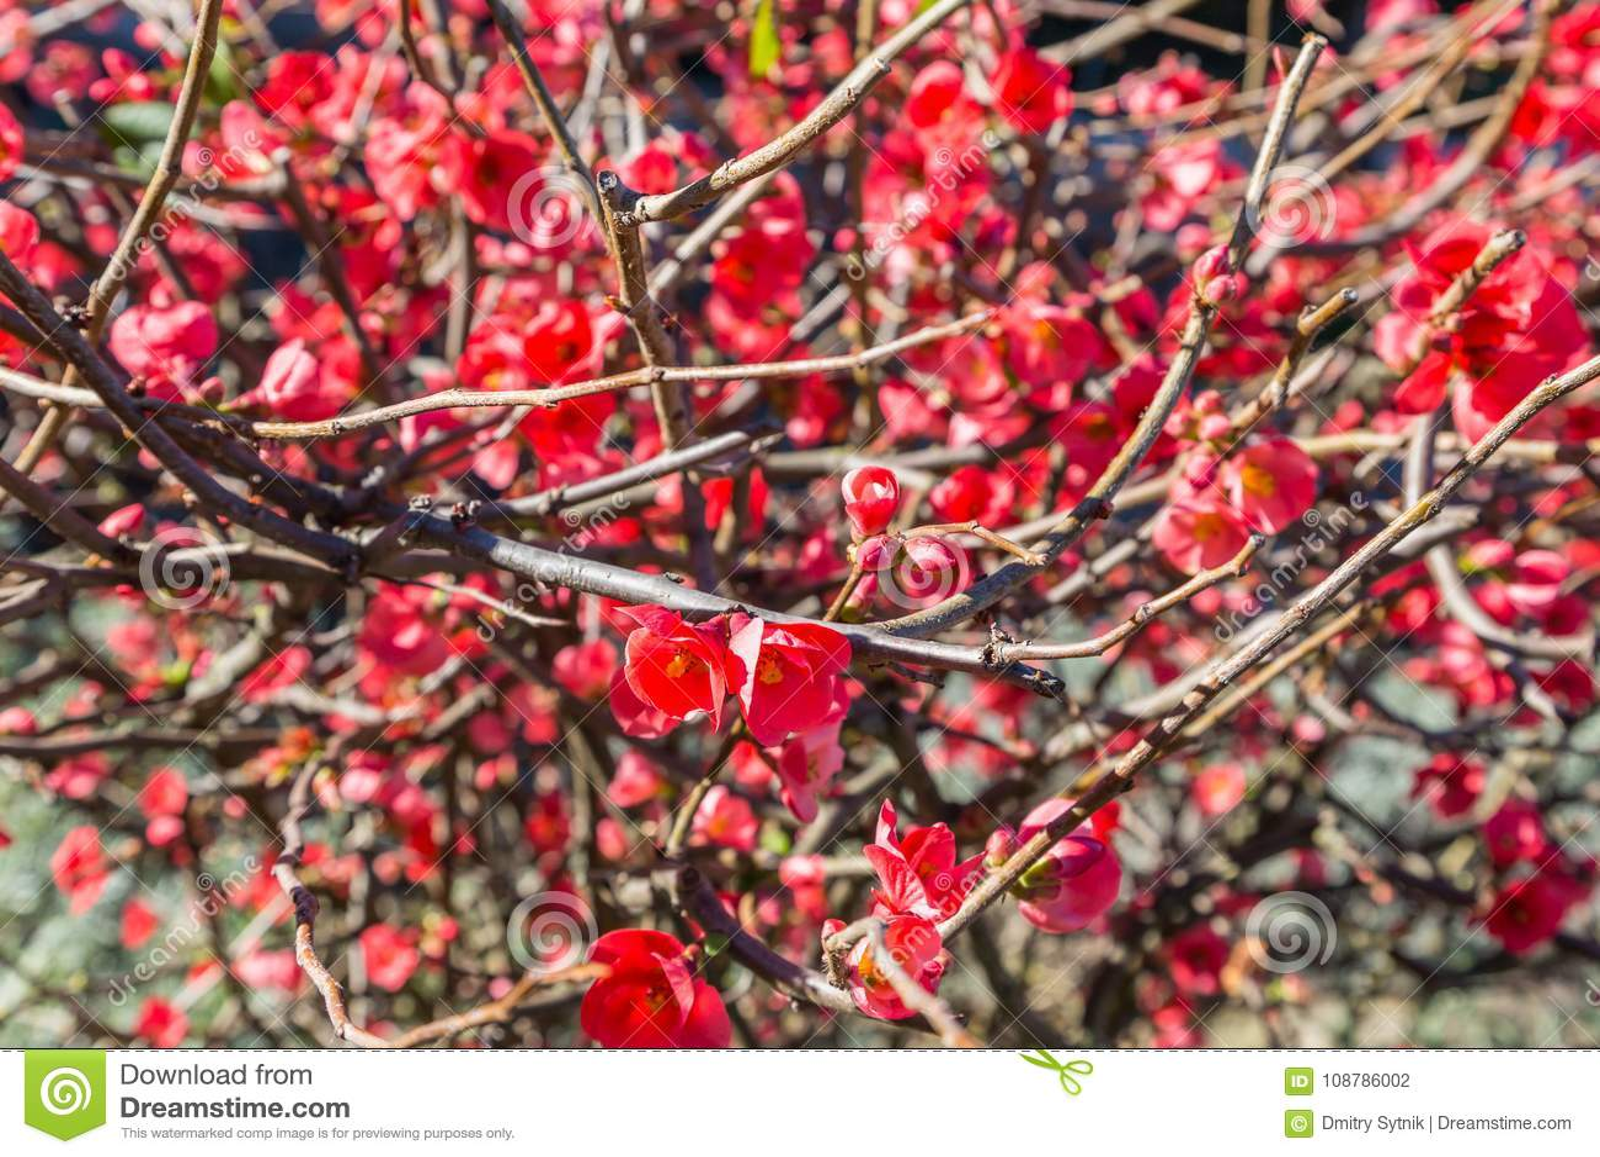 Fleurs Rouges Lumineuses Sur L Usine De Branche Photo Stock Image